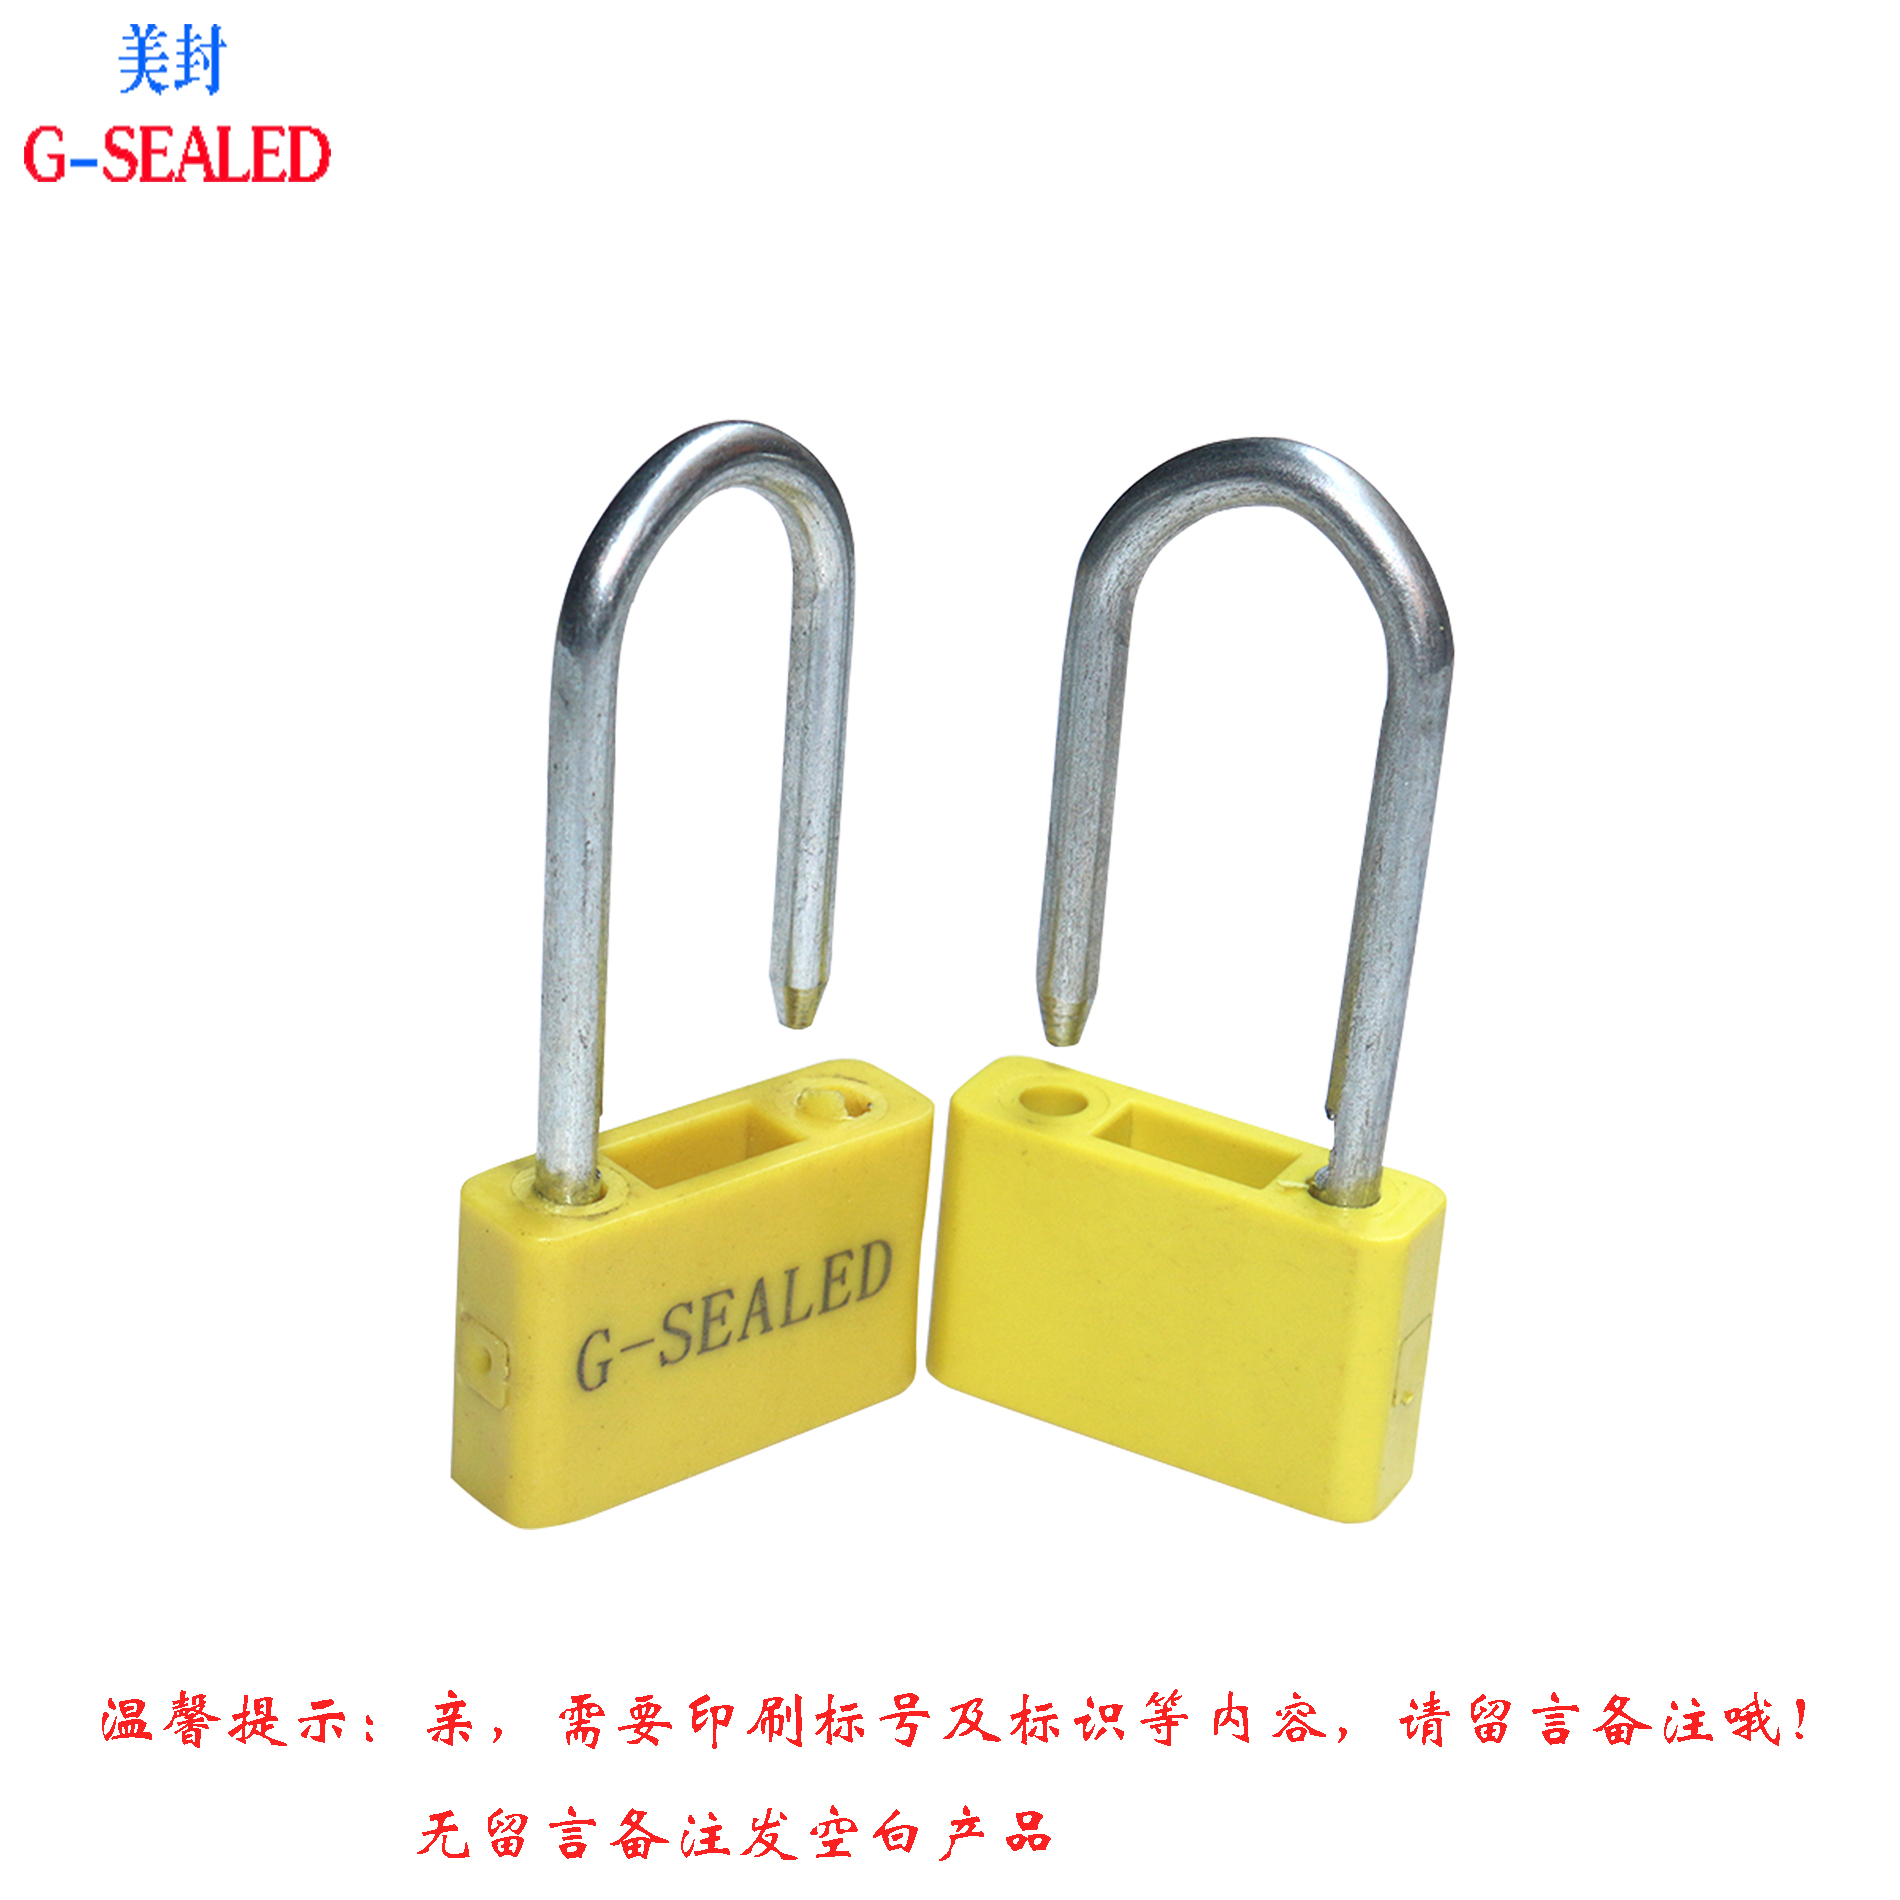 一次性塑料安全挂锁 货柜车厢封条 防盗防伪封条锁 车门锁 铅封锁